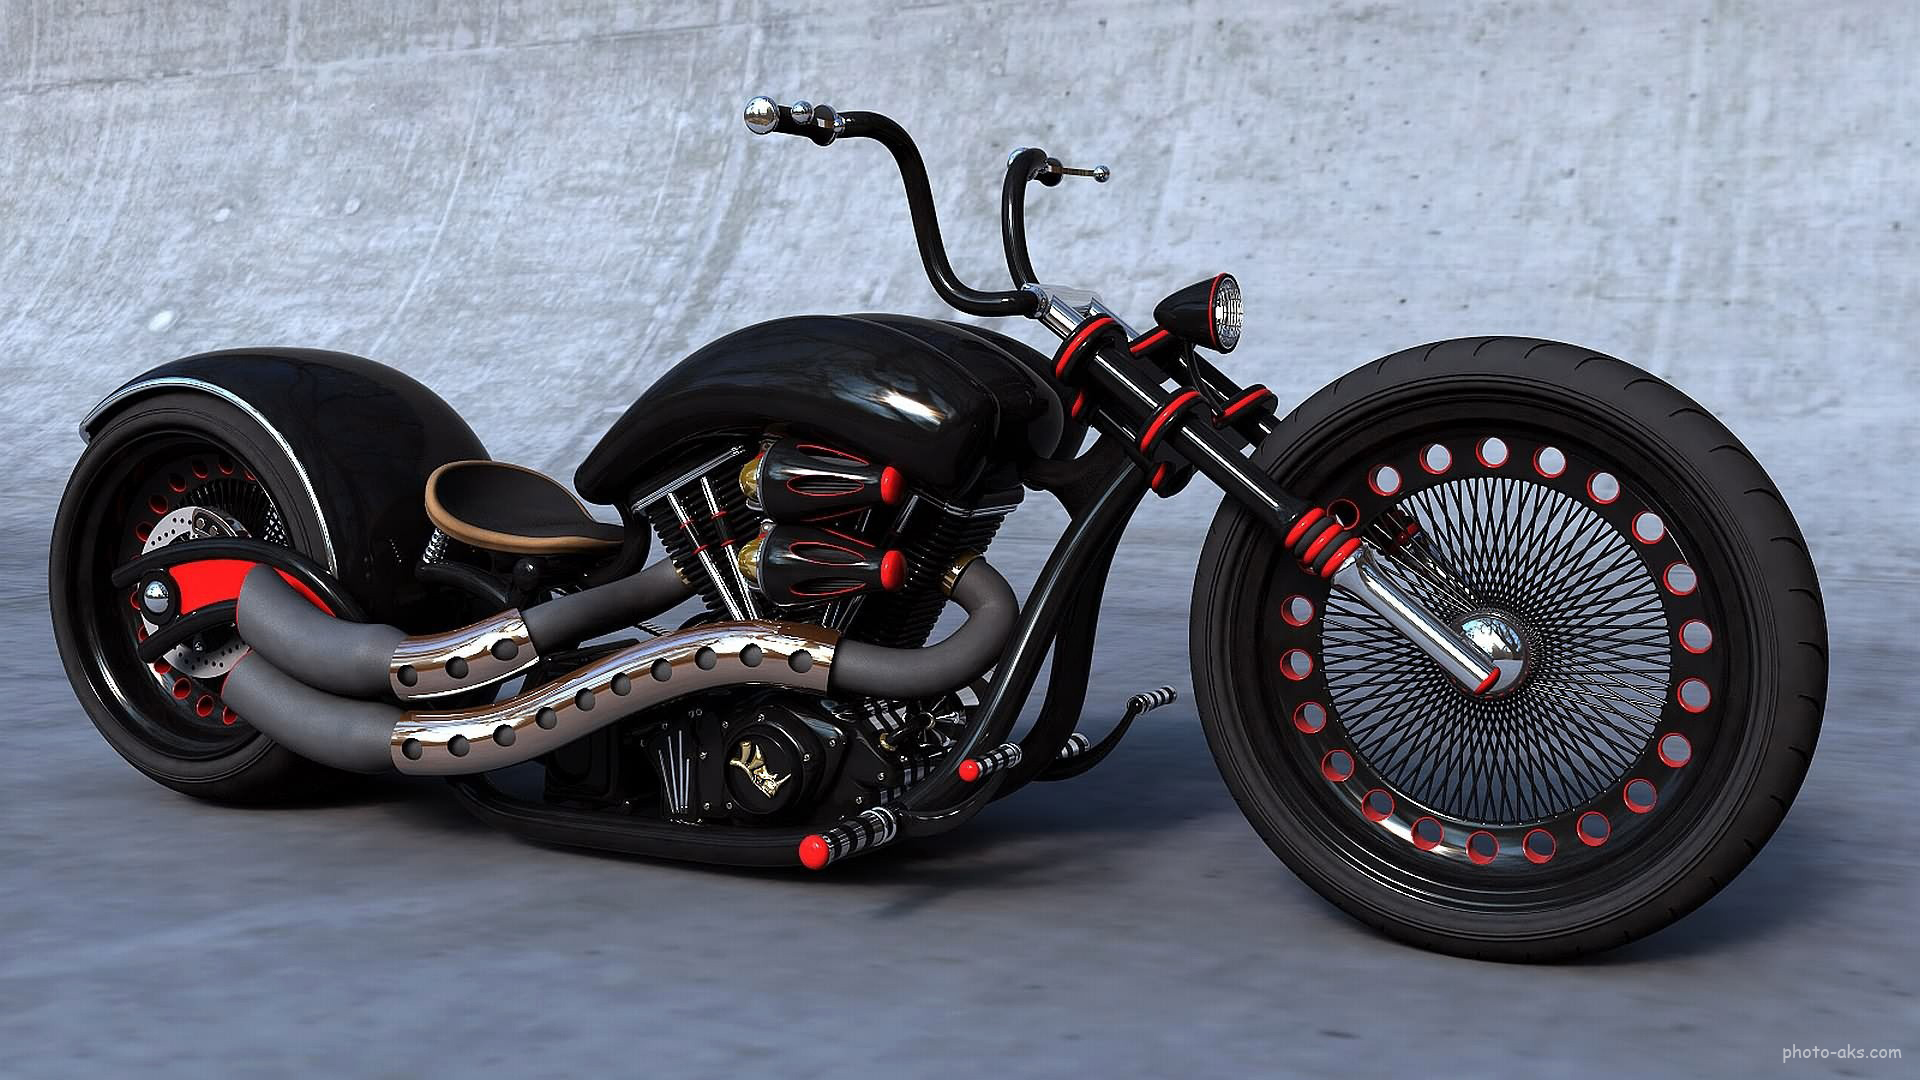 پنچری سیار موتورسیکلت/موتورساز در محل/تعمیرکار موتور سیکلت